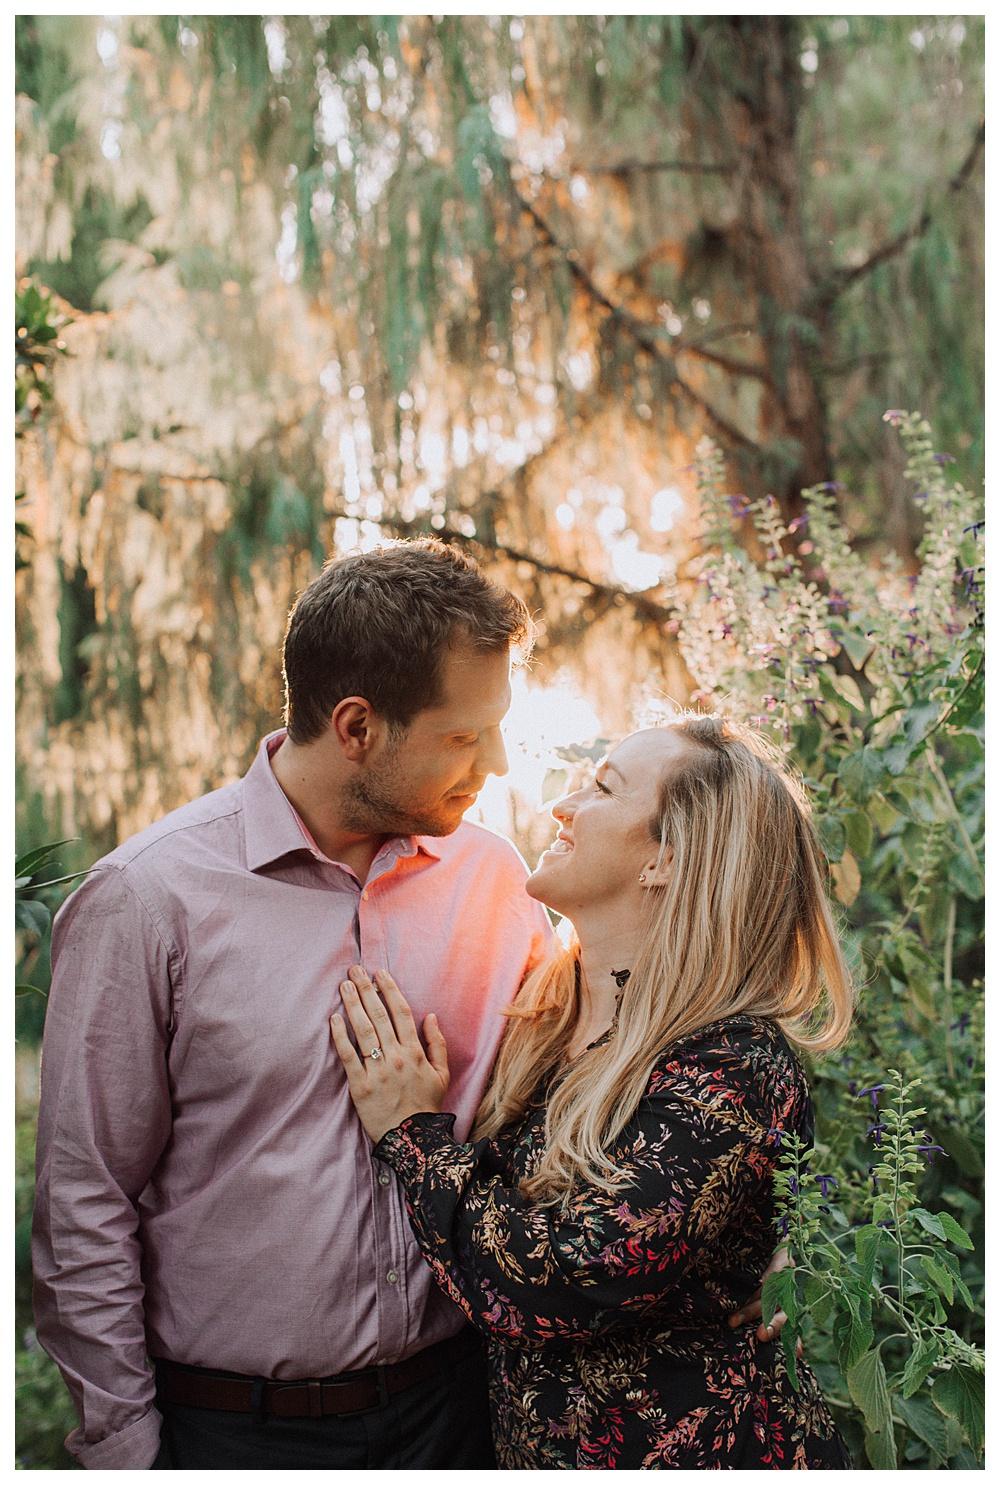 Arlington Garden | Engagement Photography | Pasadena, CA